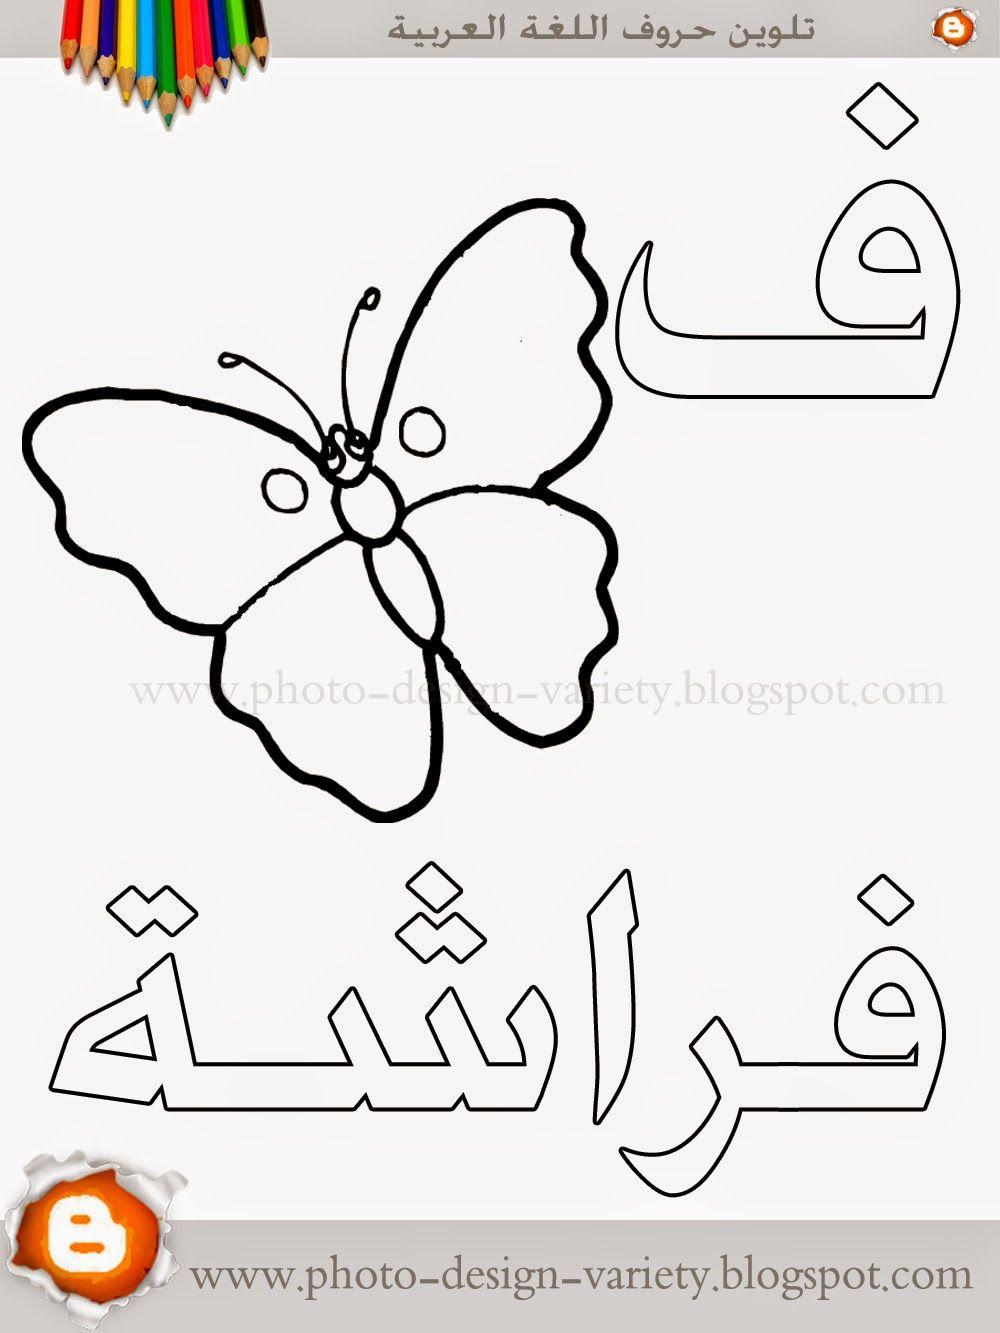 كافة حروف اللغة العربية مطروحة ضمن سلسلة من صور التلوين مع المثال لكل حرف واسم الصورة Arabic Alphabet For Kids Learn Arabic Alphabet Alphabet Coloring Pages